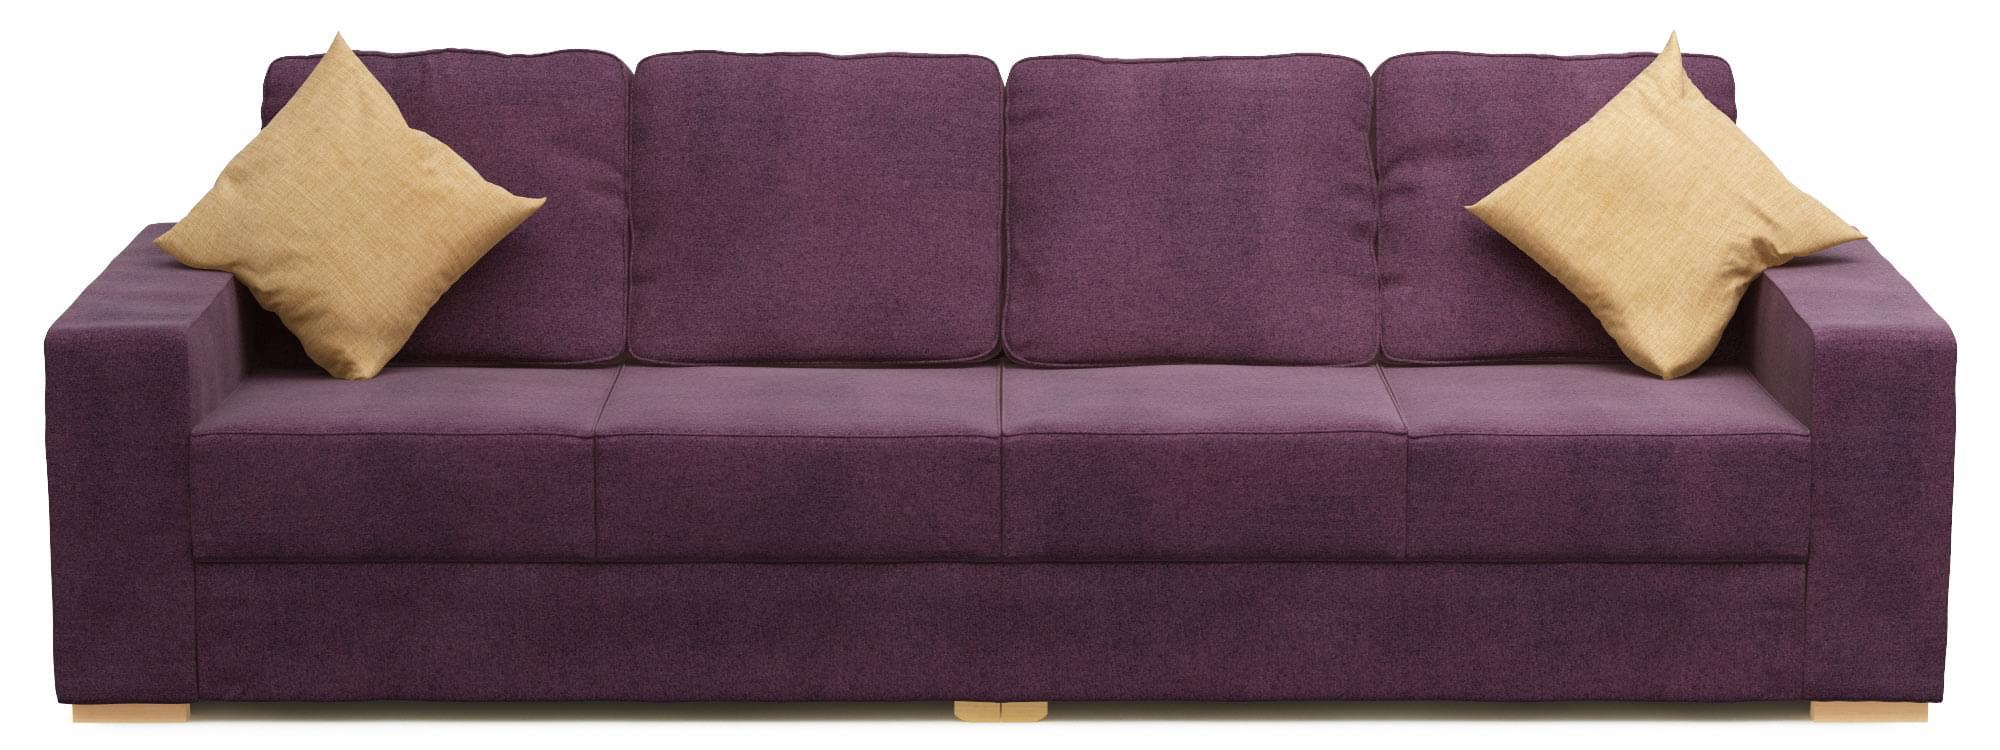 sofa design inspiration